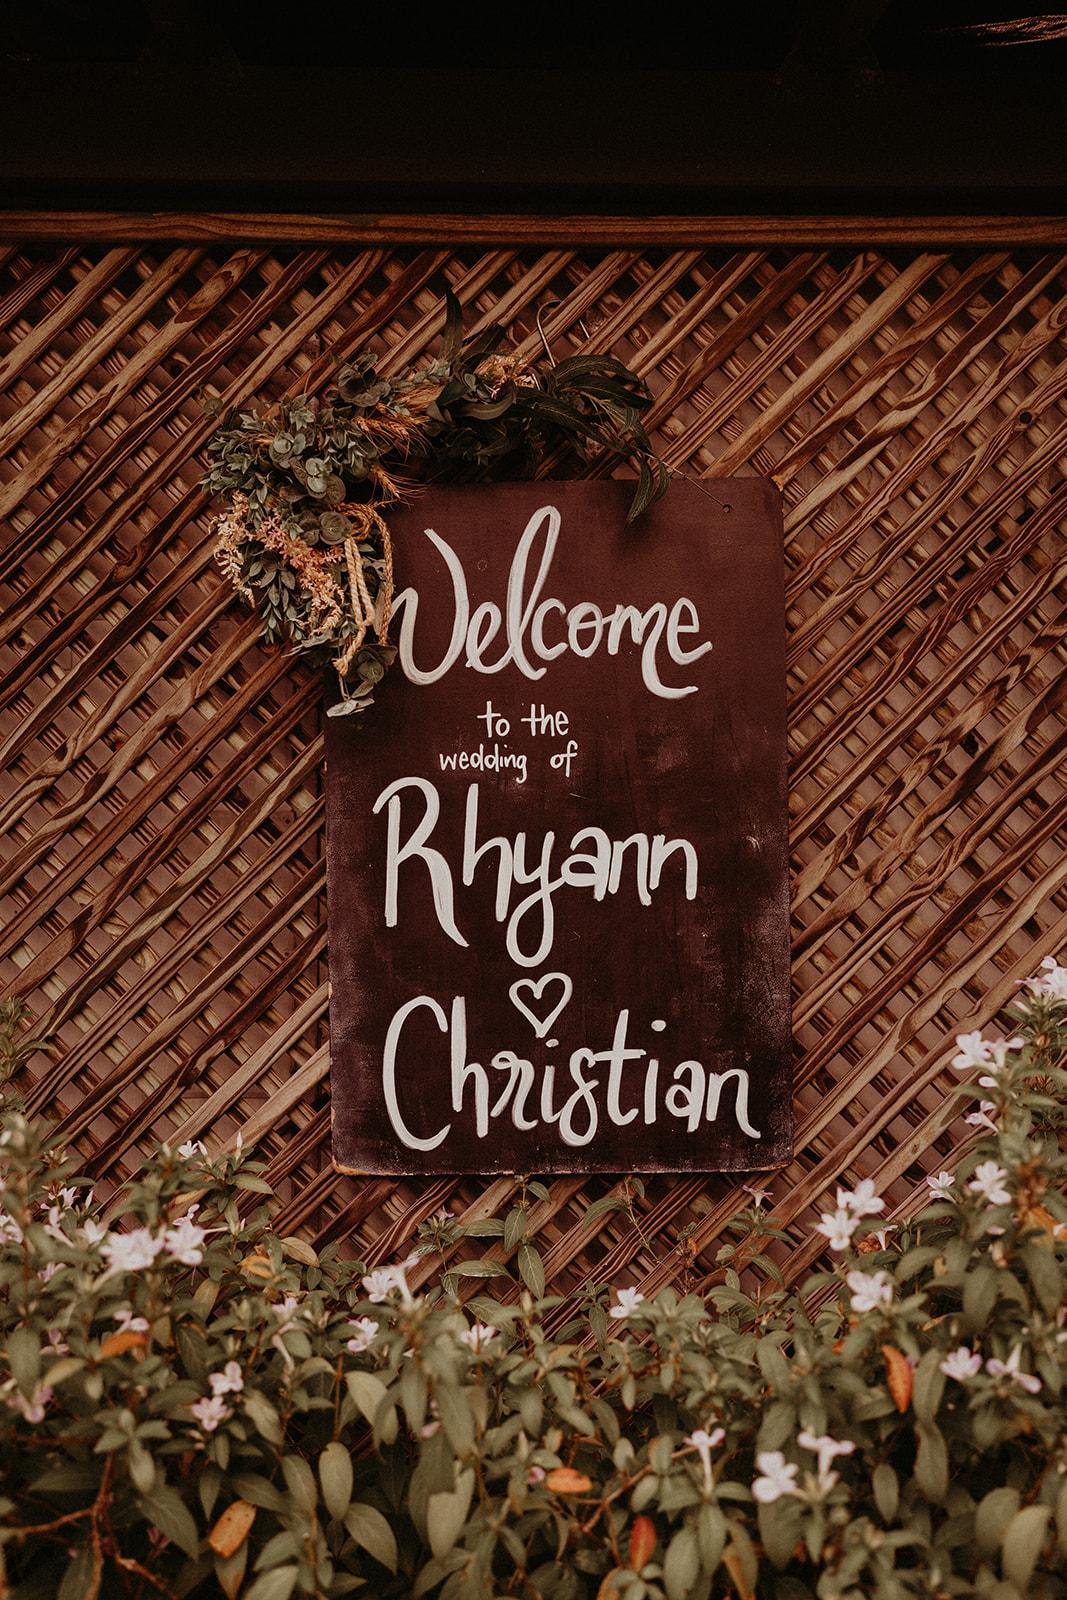 Rhyann & Christian